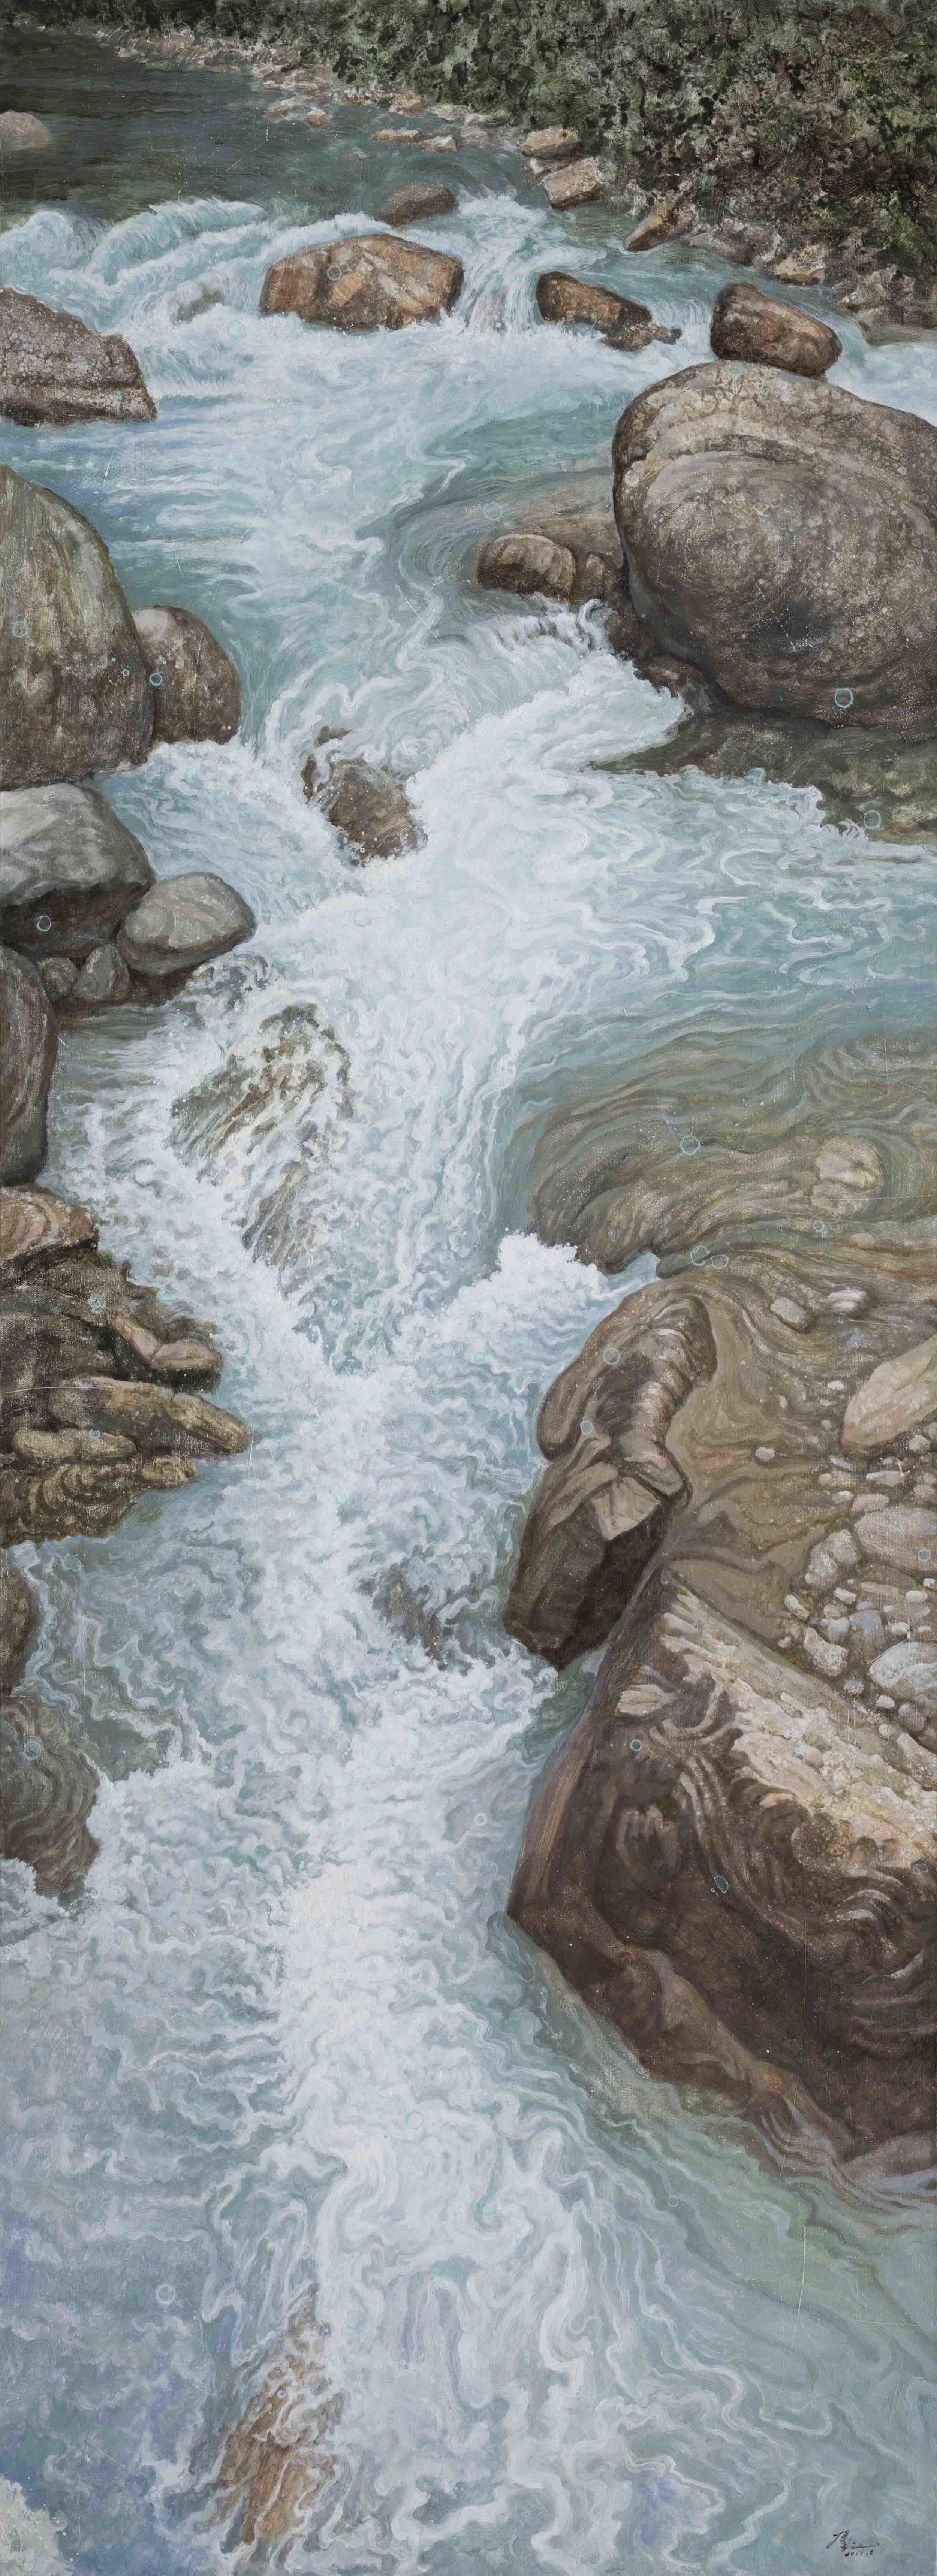 侯俊杰_HOU_Junjie|上善若水·觀瀾_NO.2__The_Supreme_Good_is_Like_Water-Observing_Ripples_NO.2|2017|布面油畫_Oil_on_Canvas|220x80cm.jpg